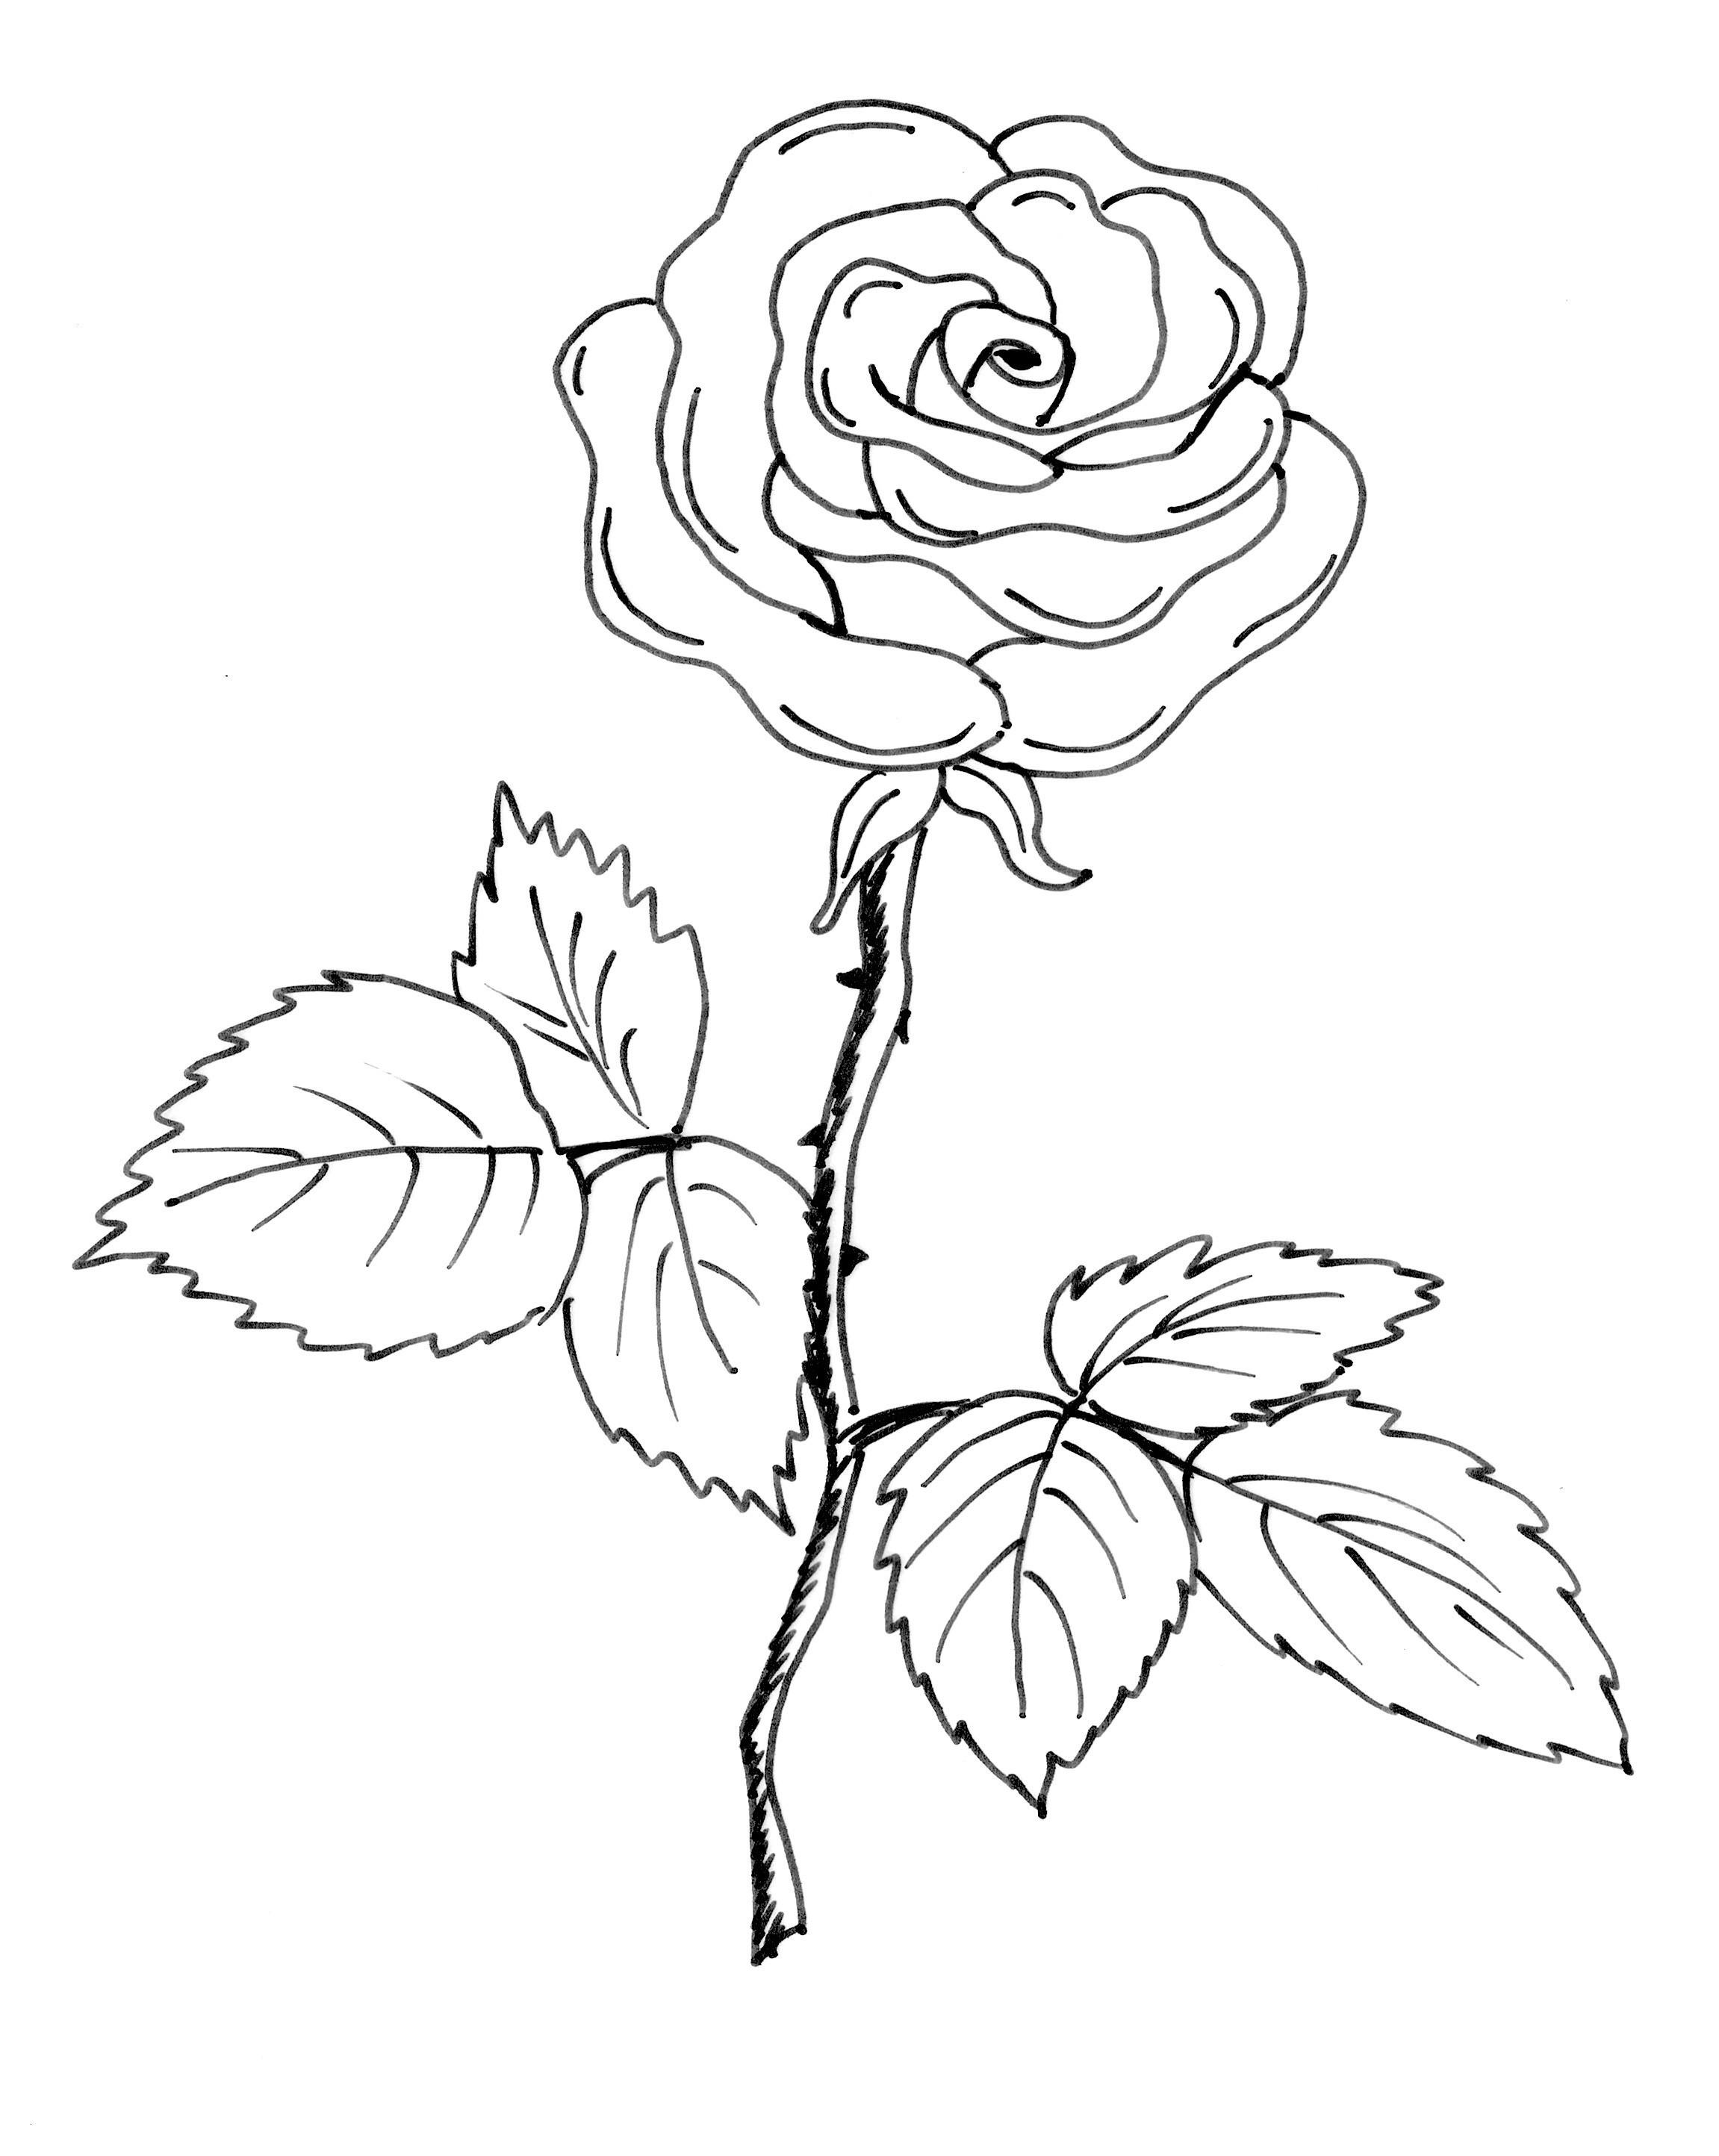 Ausmalbilder Rosen Mit Herz Neu Bilder Zum Ausmalen Rosen élégant Graphie Rose Ausmalbild Fotografieren